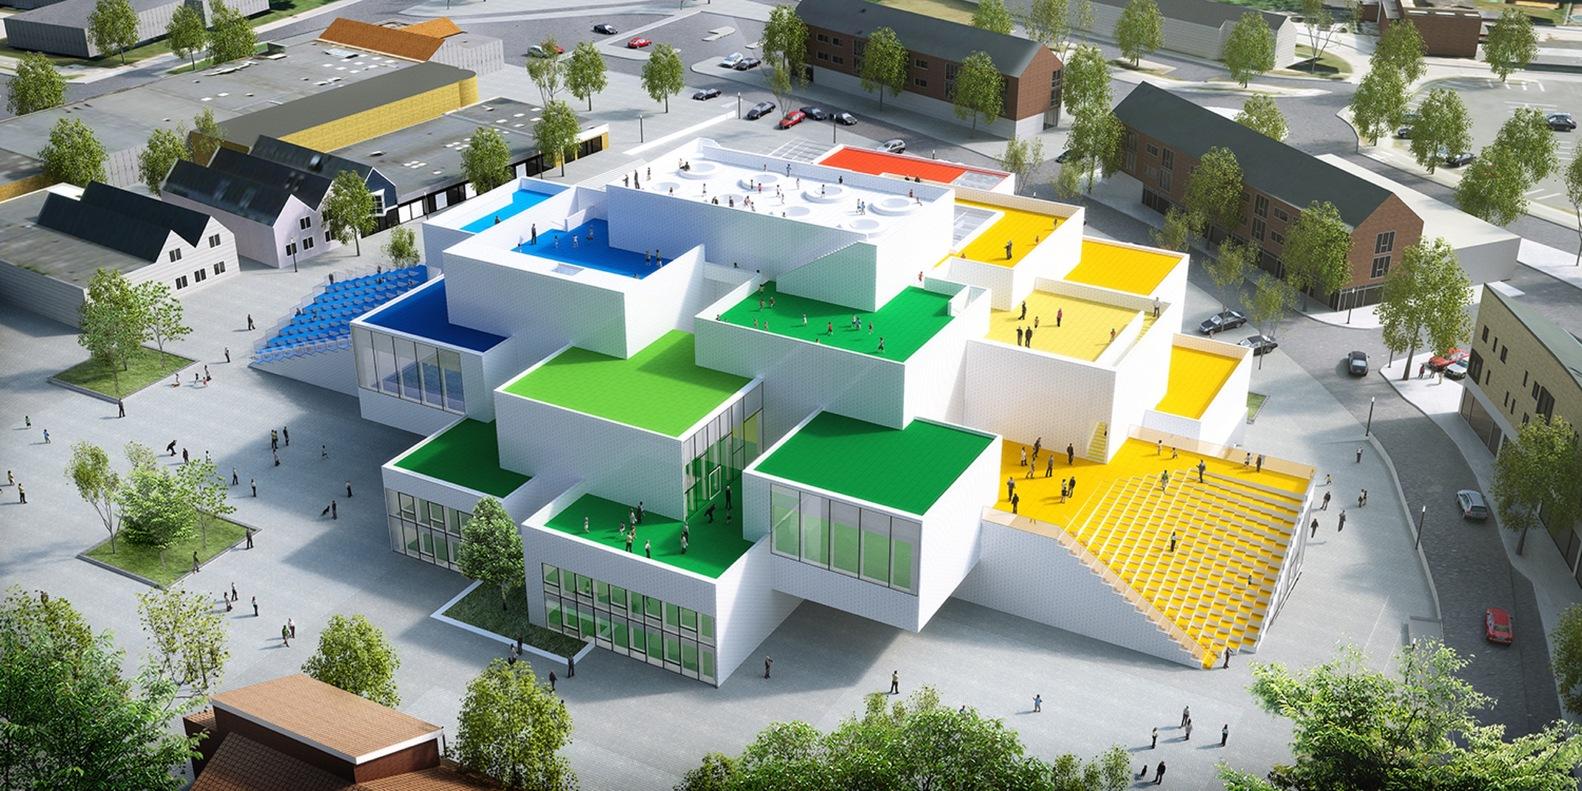 «LEGO House—это проявление самой идеи LEGO. Это будет удивительное место, гдепоклонники LEGO cмогут испытать все возможности «вселенной» LEGO»,— говорит генеральный директор LEGO House Йеспер Вильструп